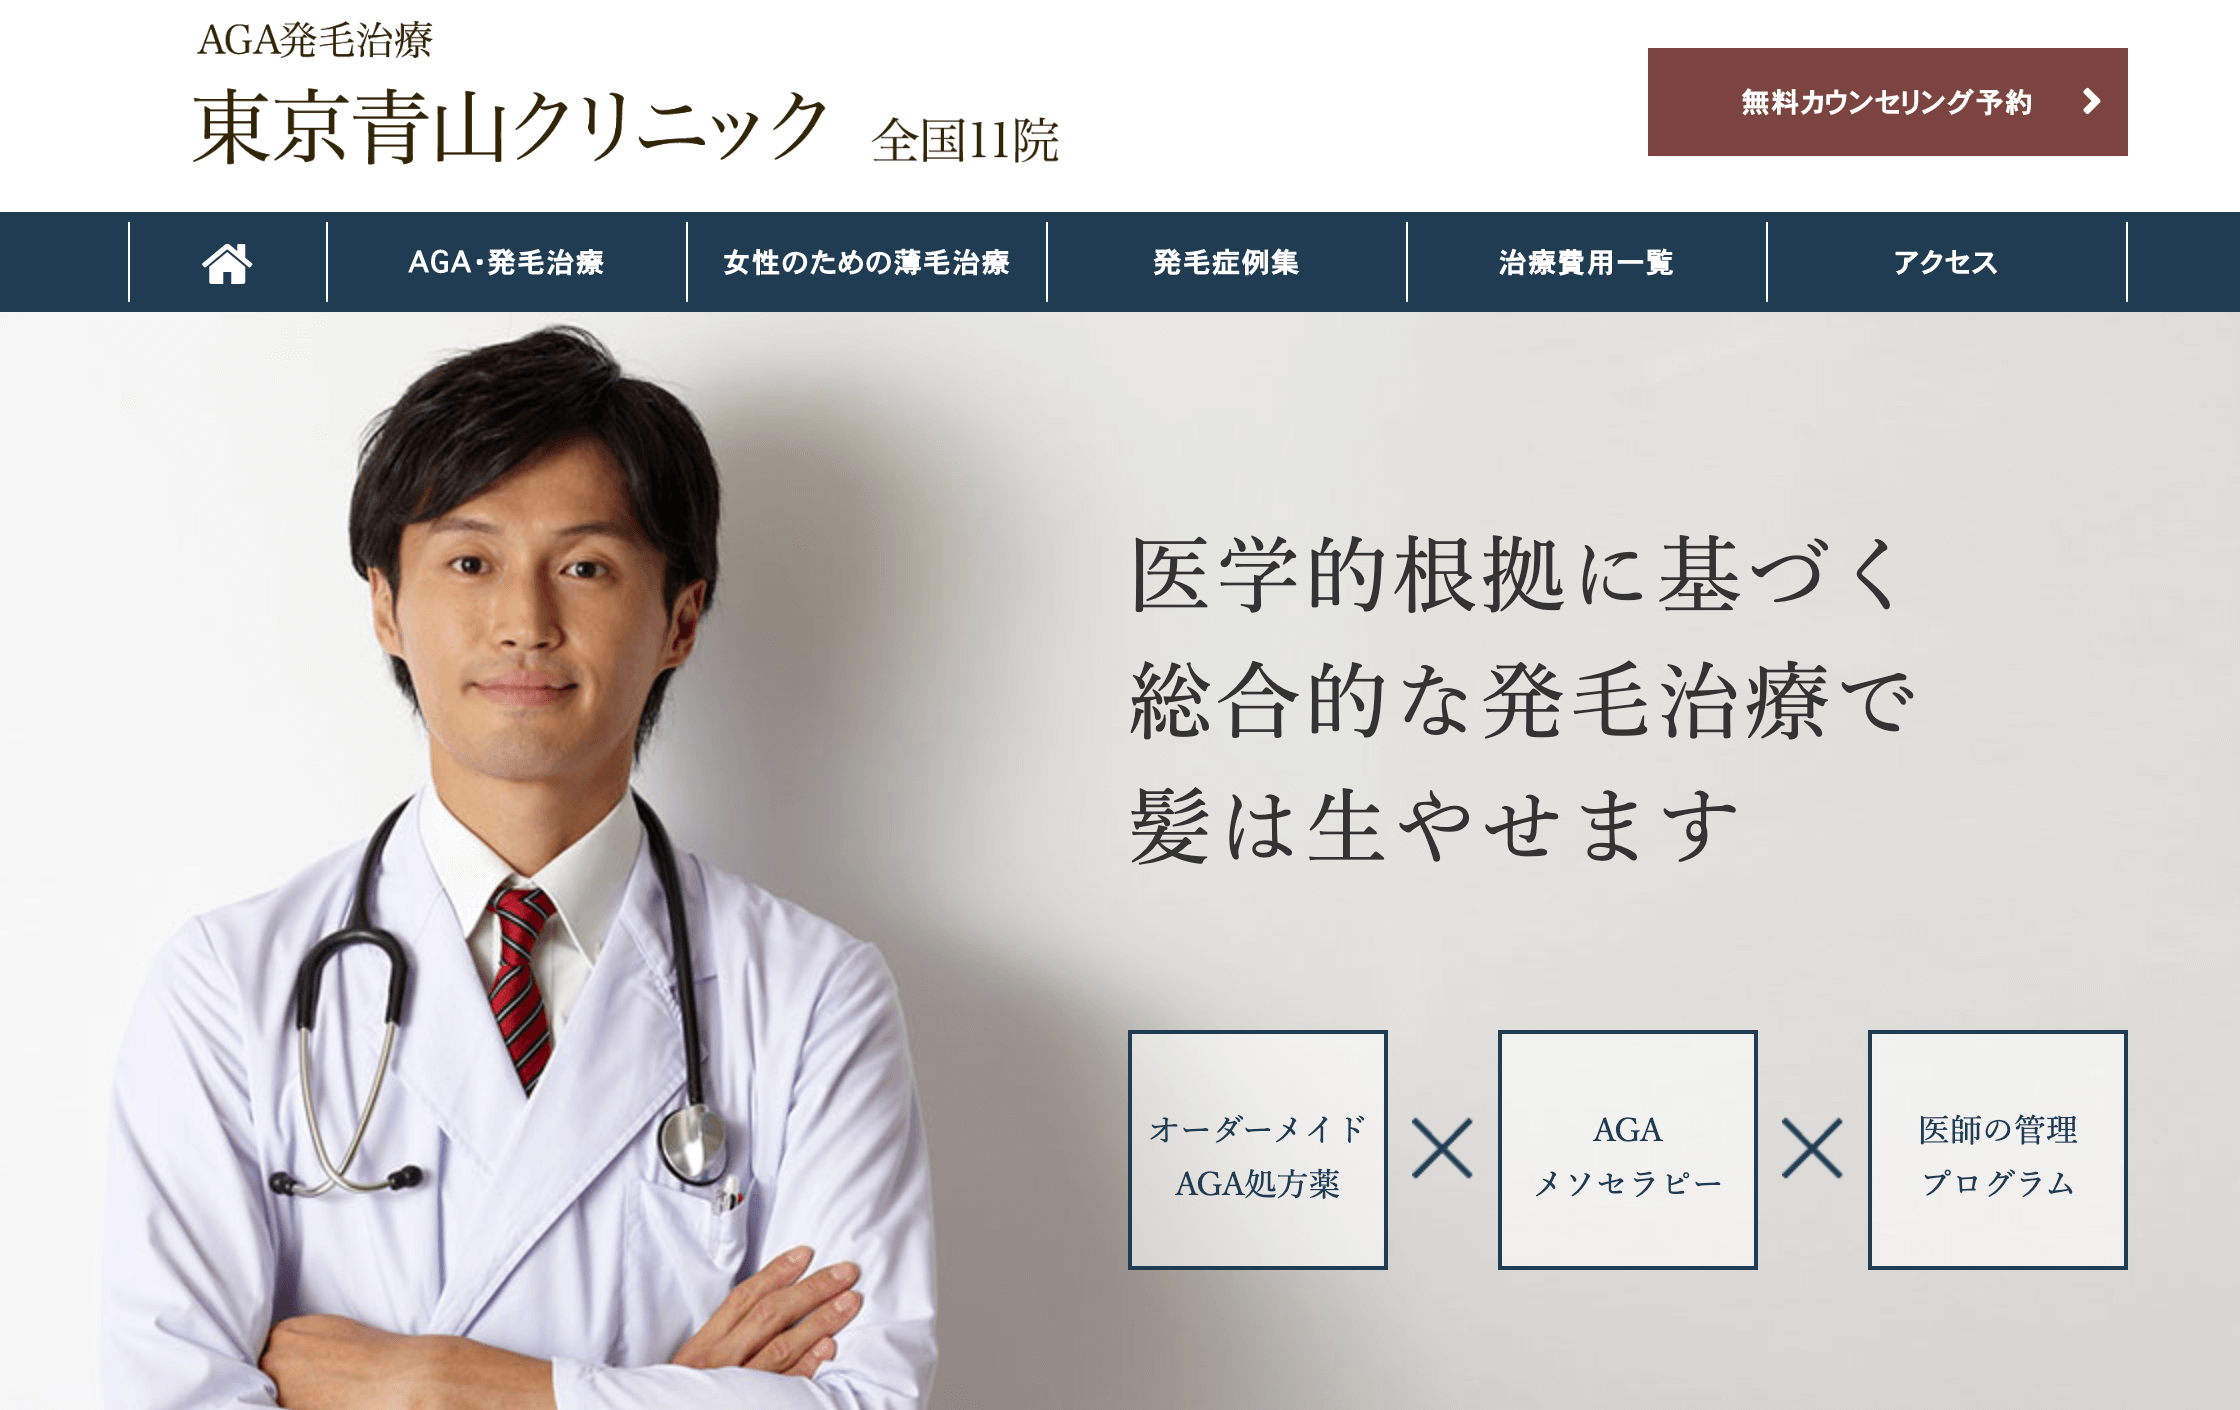 東京青山クリニックの公式ページ(2020年版)